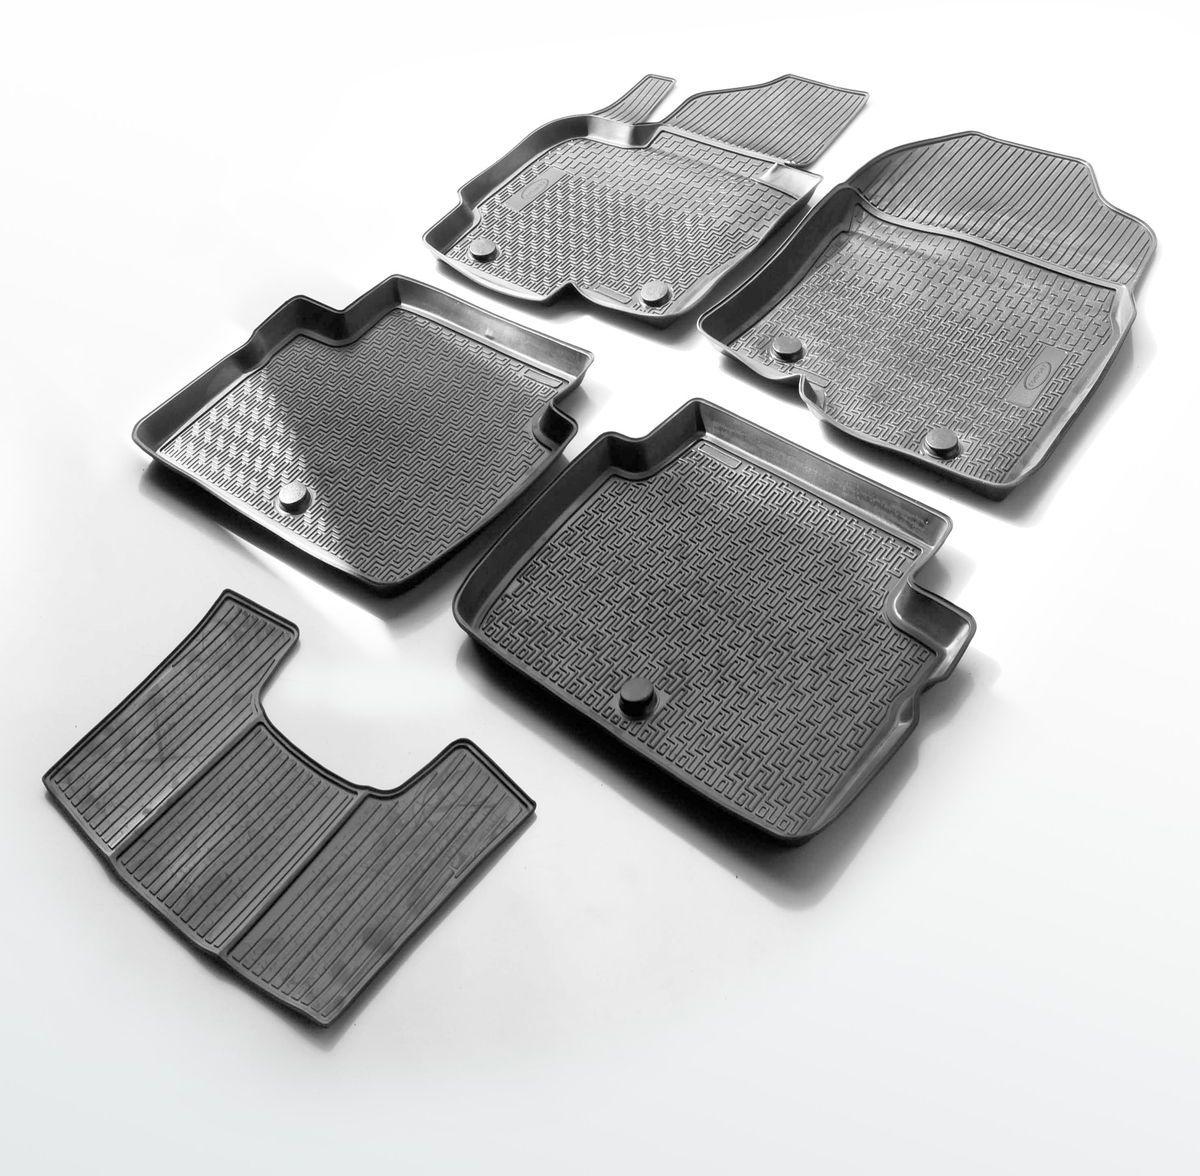 Коврики салона Rival для Skoda Superb B8 2016-, c перемычкой, полиуретан15104002Прочные и долговечные коврики Rival в салон автомобиля, изготовлены из высококачественного и экологичного сырья. Коврики полностью повторяют геометрию салона вашего автомобиля.- Надежная система крепления, позволяющая закрепить коврик на штатные элементы фиксации, в результате чего отсутствует эффект скольжения по салону автомобиля.- Высокая стойкость поверхности к стиранию.- Специализированный рисунок и высокий борт, препятствующие распространению грязи и жидкости по поверхности коврика.- Перемычка задних ковриков в комплекте предотвращает загрязнение тоннеля карданного вала.- Коврики произведены из первичных материалов, в результате чего отсутствует неприятный запах в салоне автомобиля.- Высокая эластичность, можно беспрепятственно эксплуатировать при температуре от -45°C до +45°C. Уважаемые клиенты! Обращаем ваше внимание, что коврики имеют форму, соответствующую модели данного автомобиля. Фото служит для визуального восприятия товара.